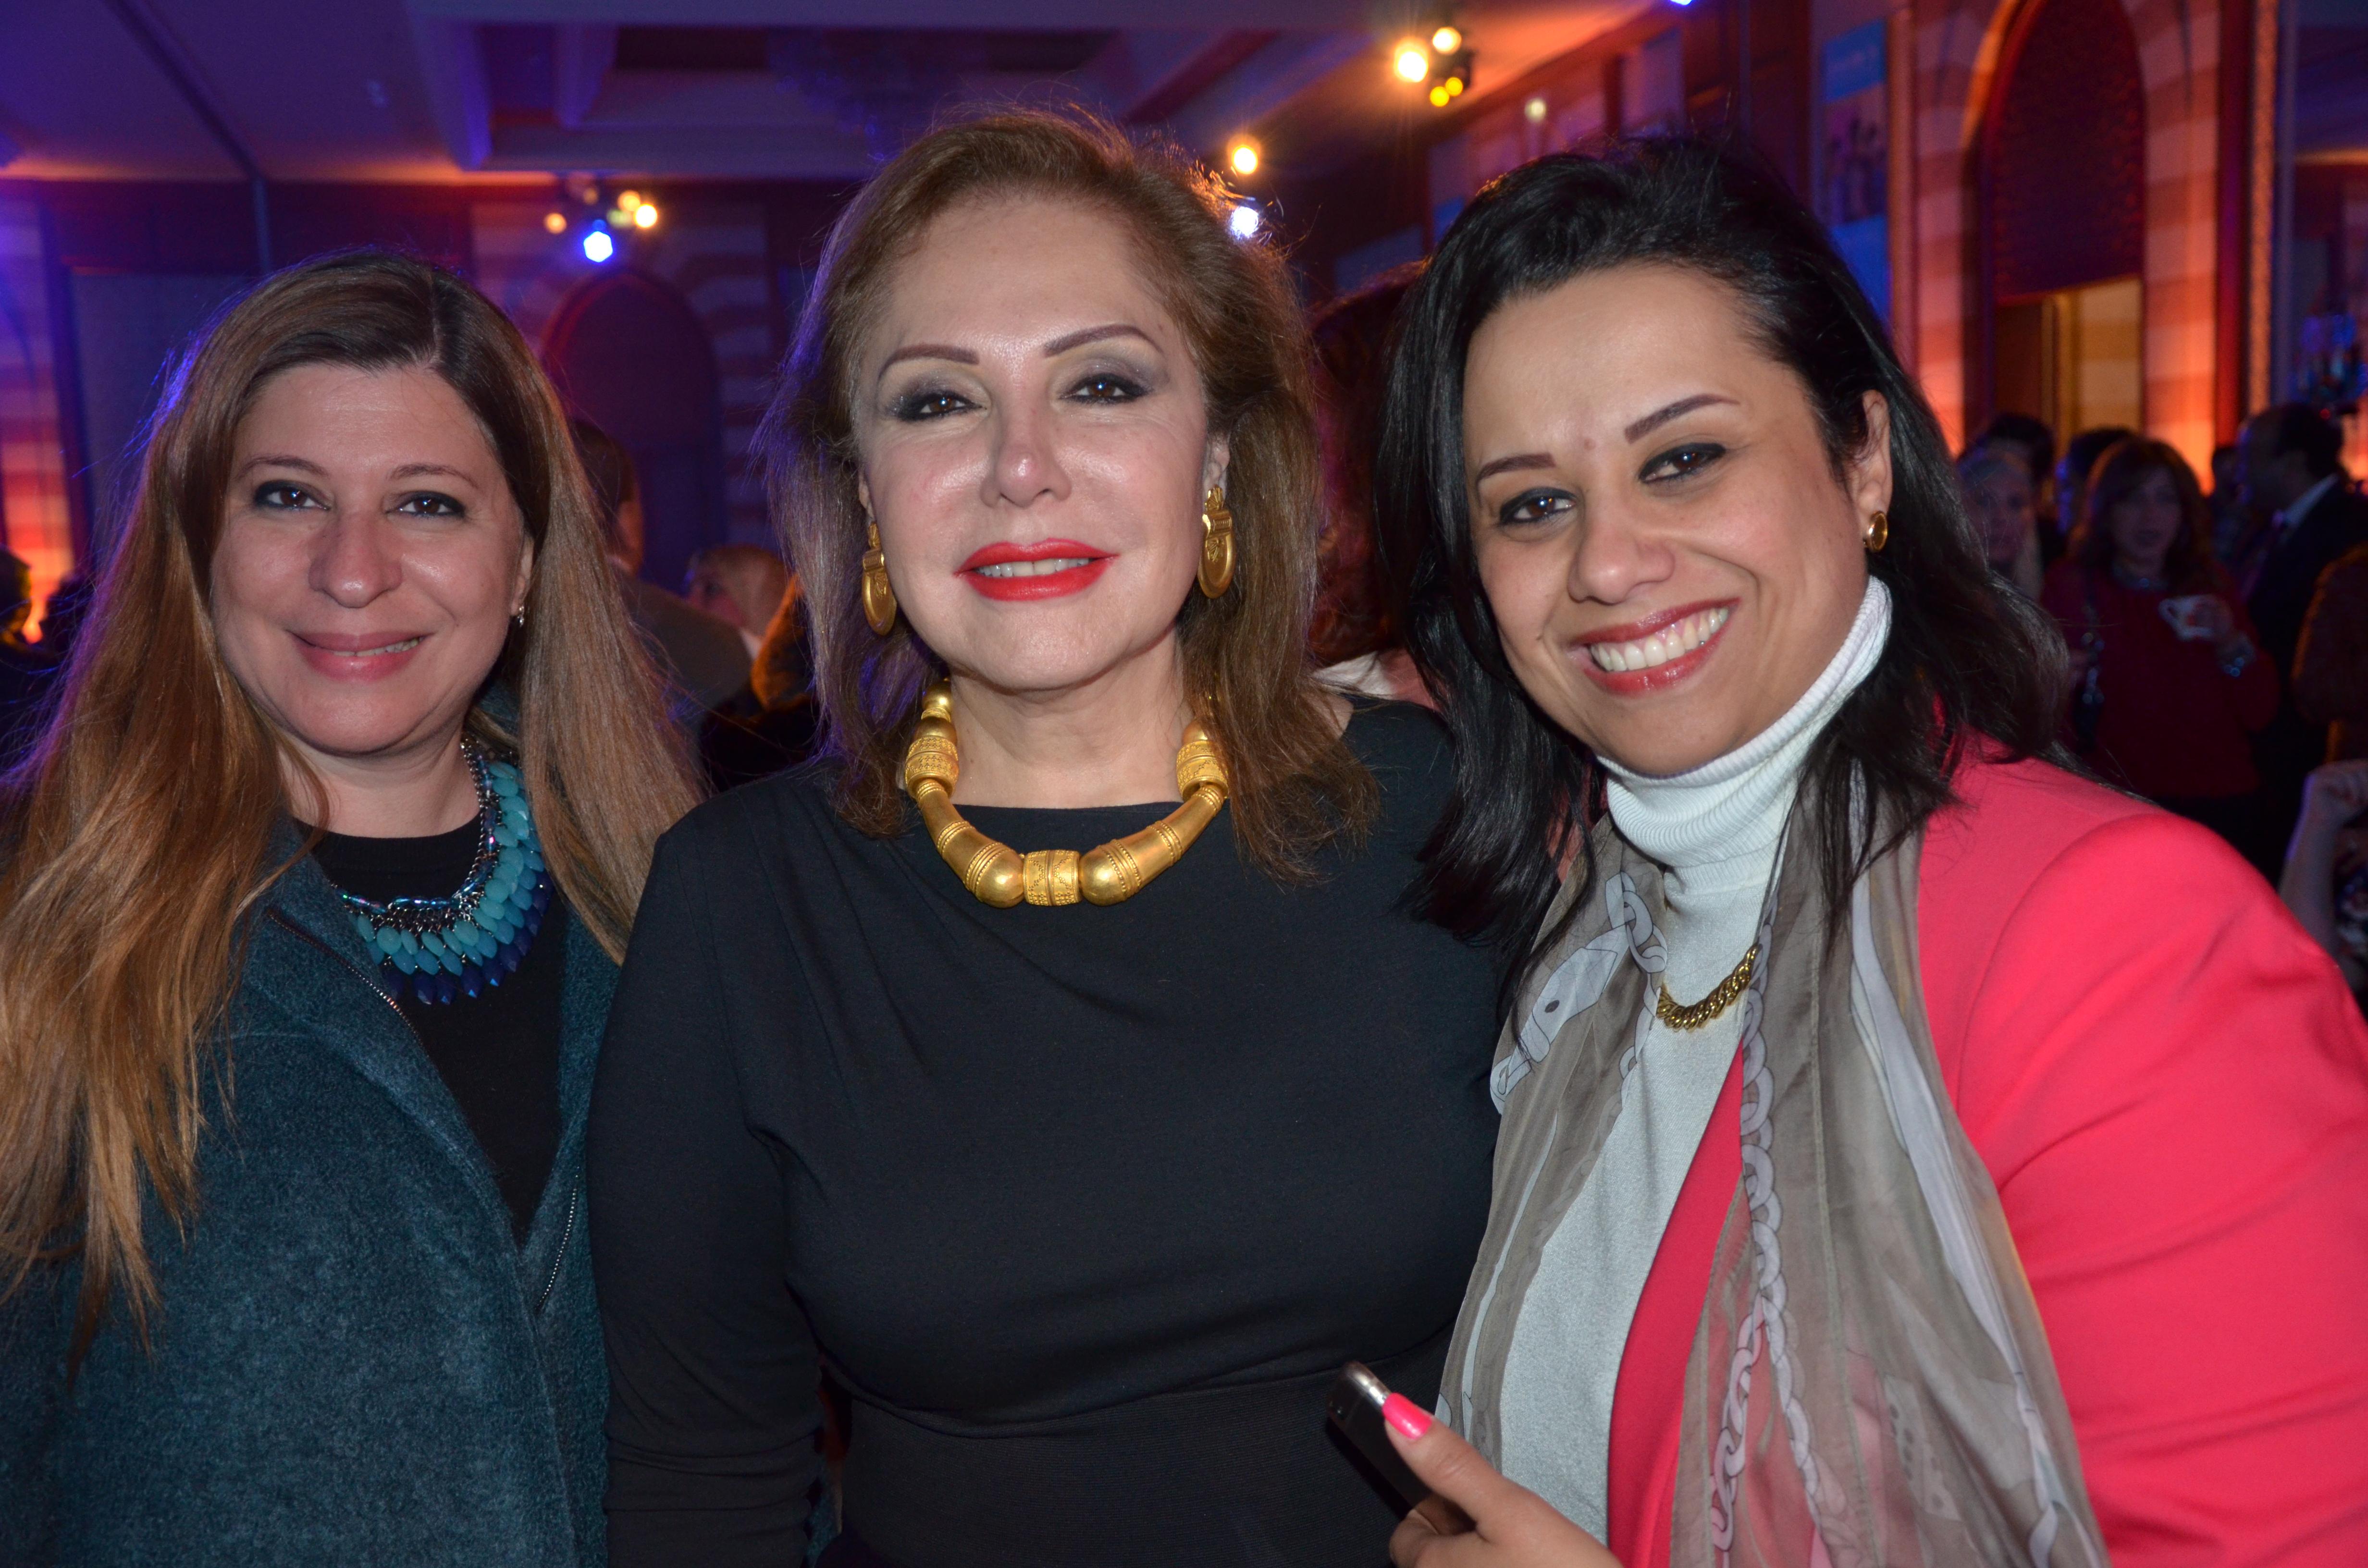 Ms. Noha Saad, Ms. Mayan Raslan & Ms. Hala Abdel-Wadood